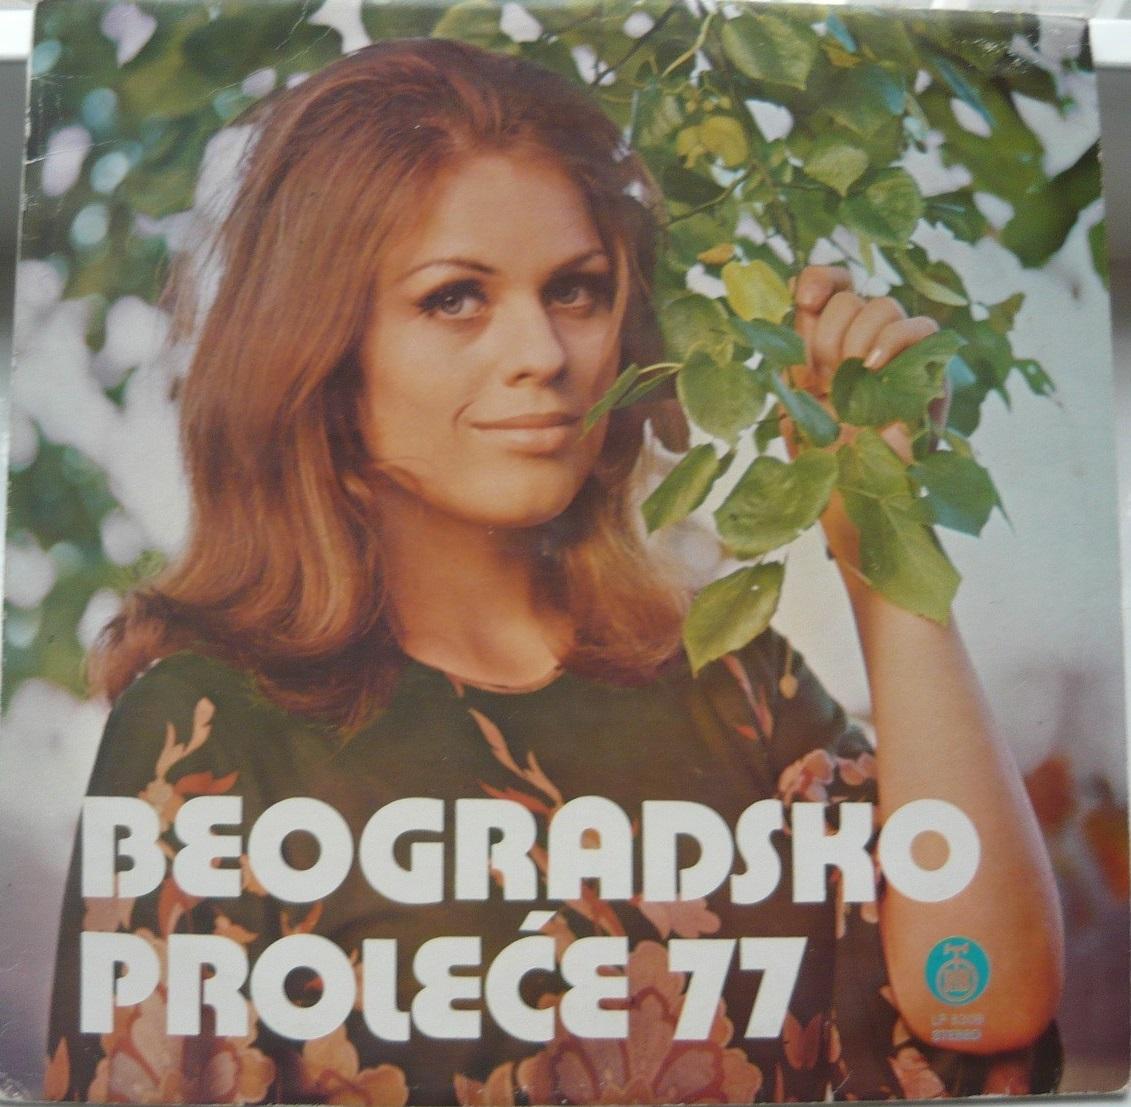 V A Beogradsko prolece 77 a